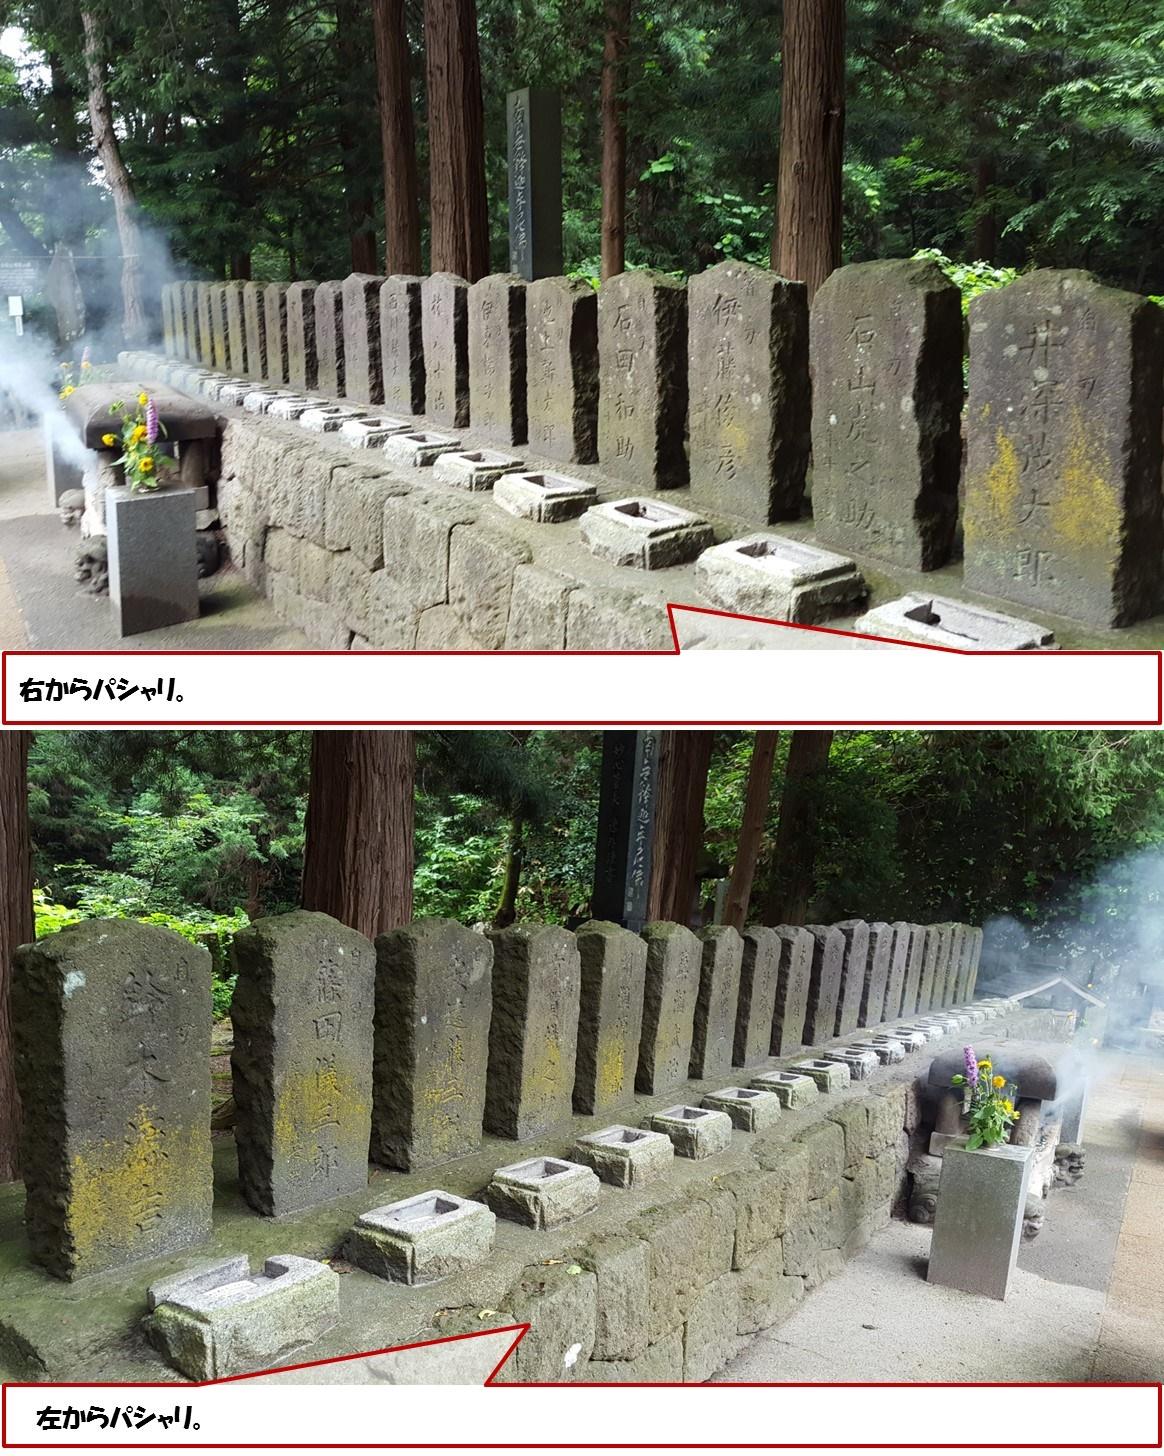 """""""白虎隊十九士の墓""""右からパシャリ。  左からパシャリ"""